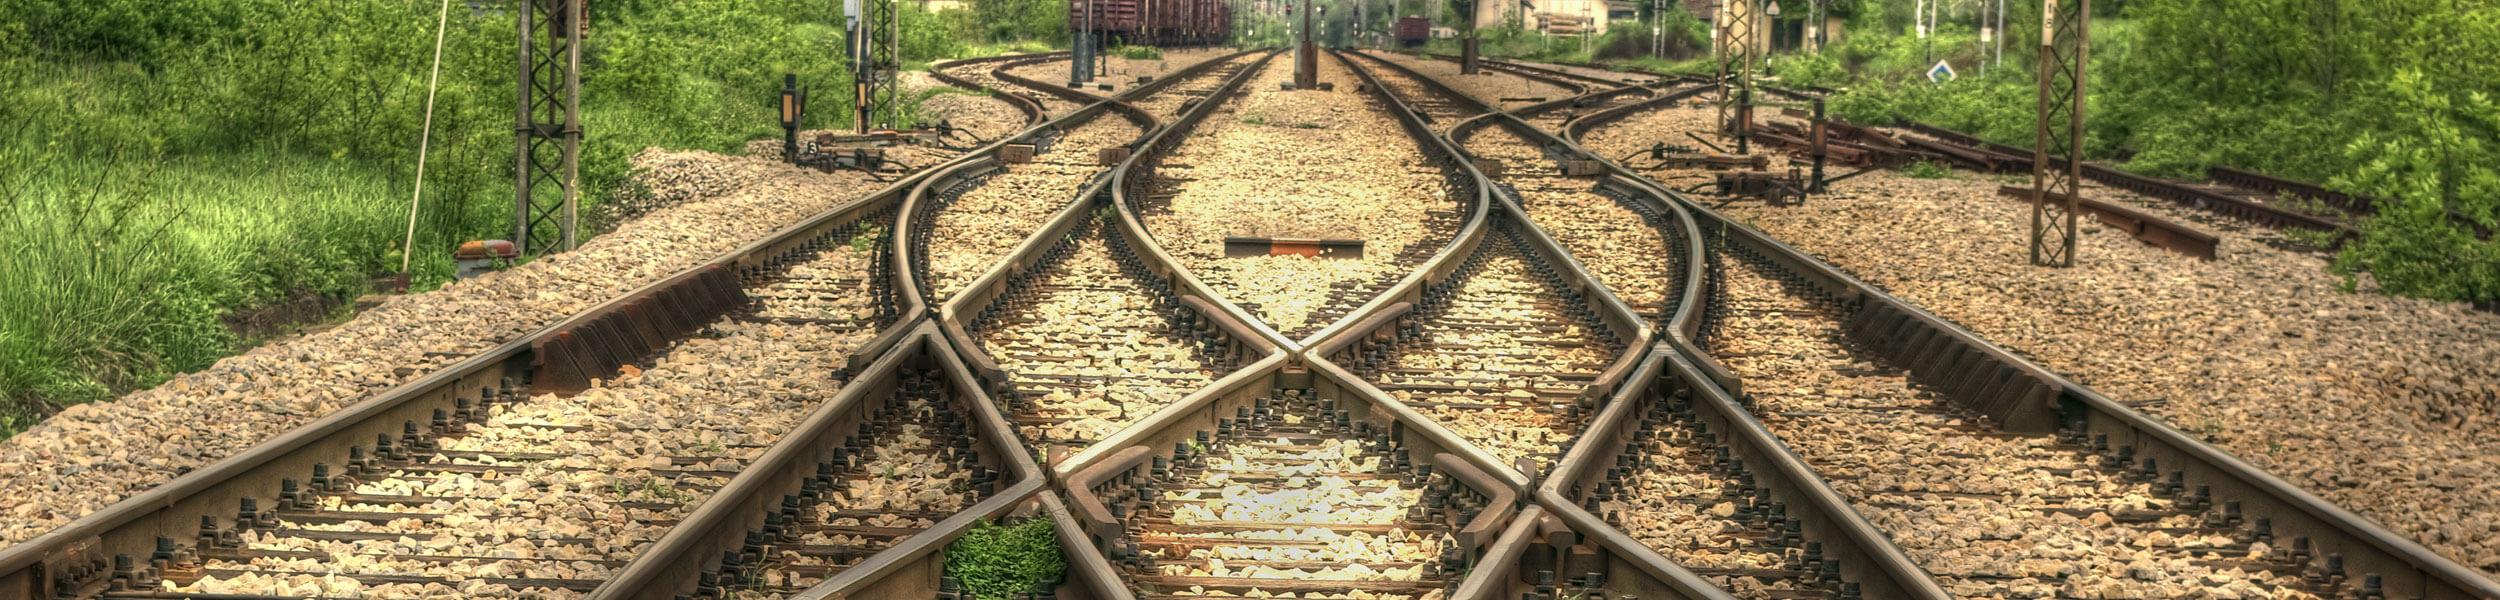 Bahngleise mit Begrünung